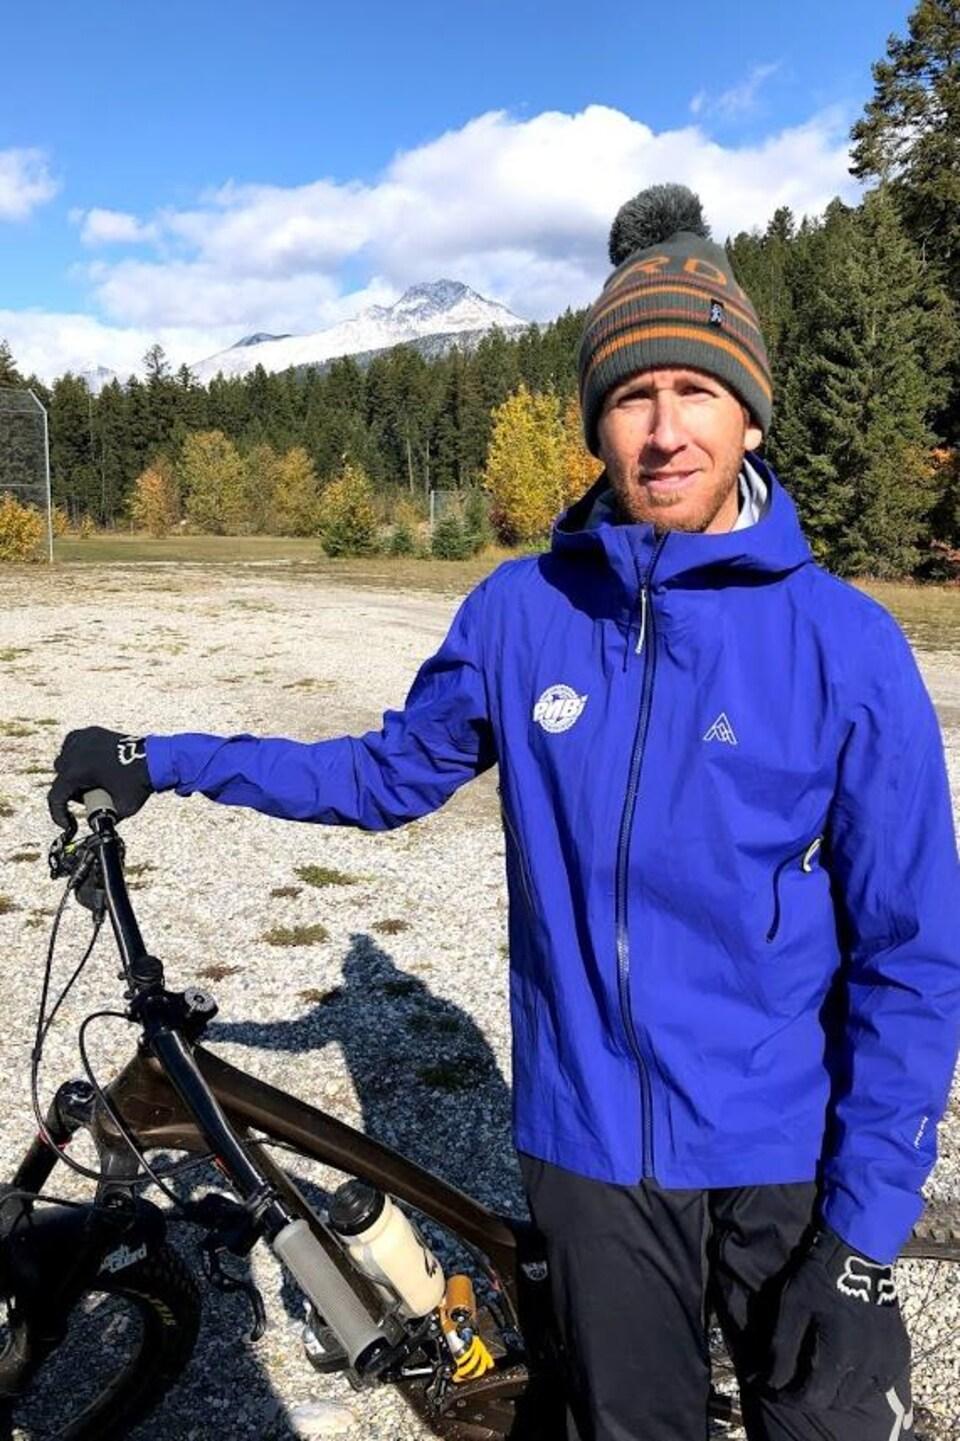 David Gagnon et son vélo.